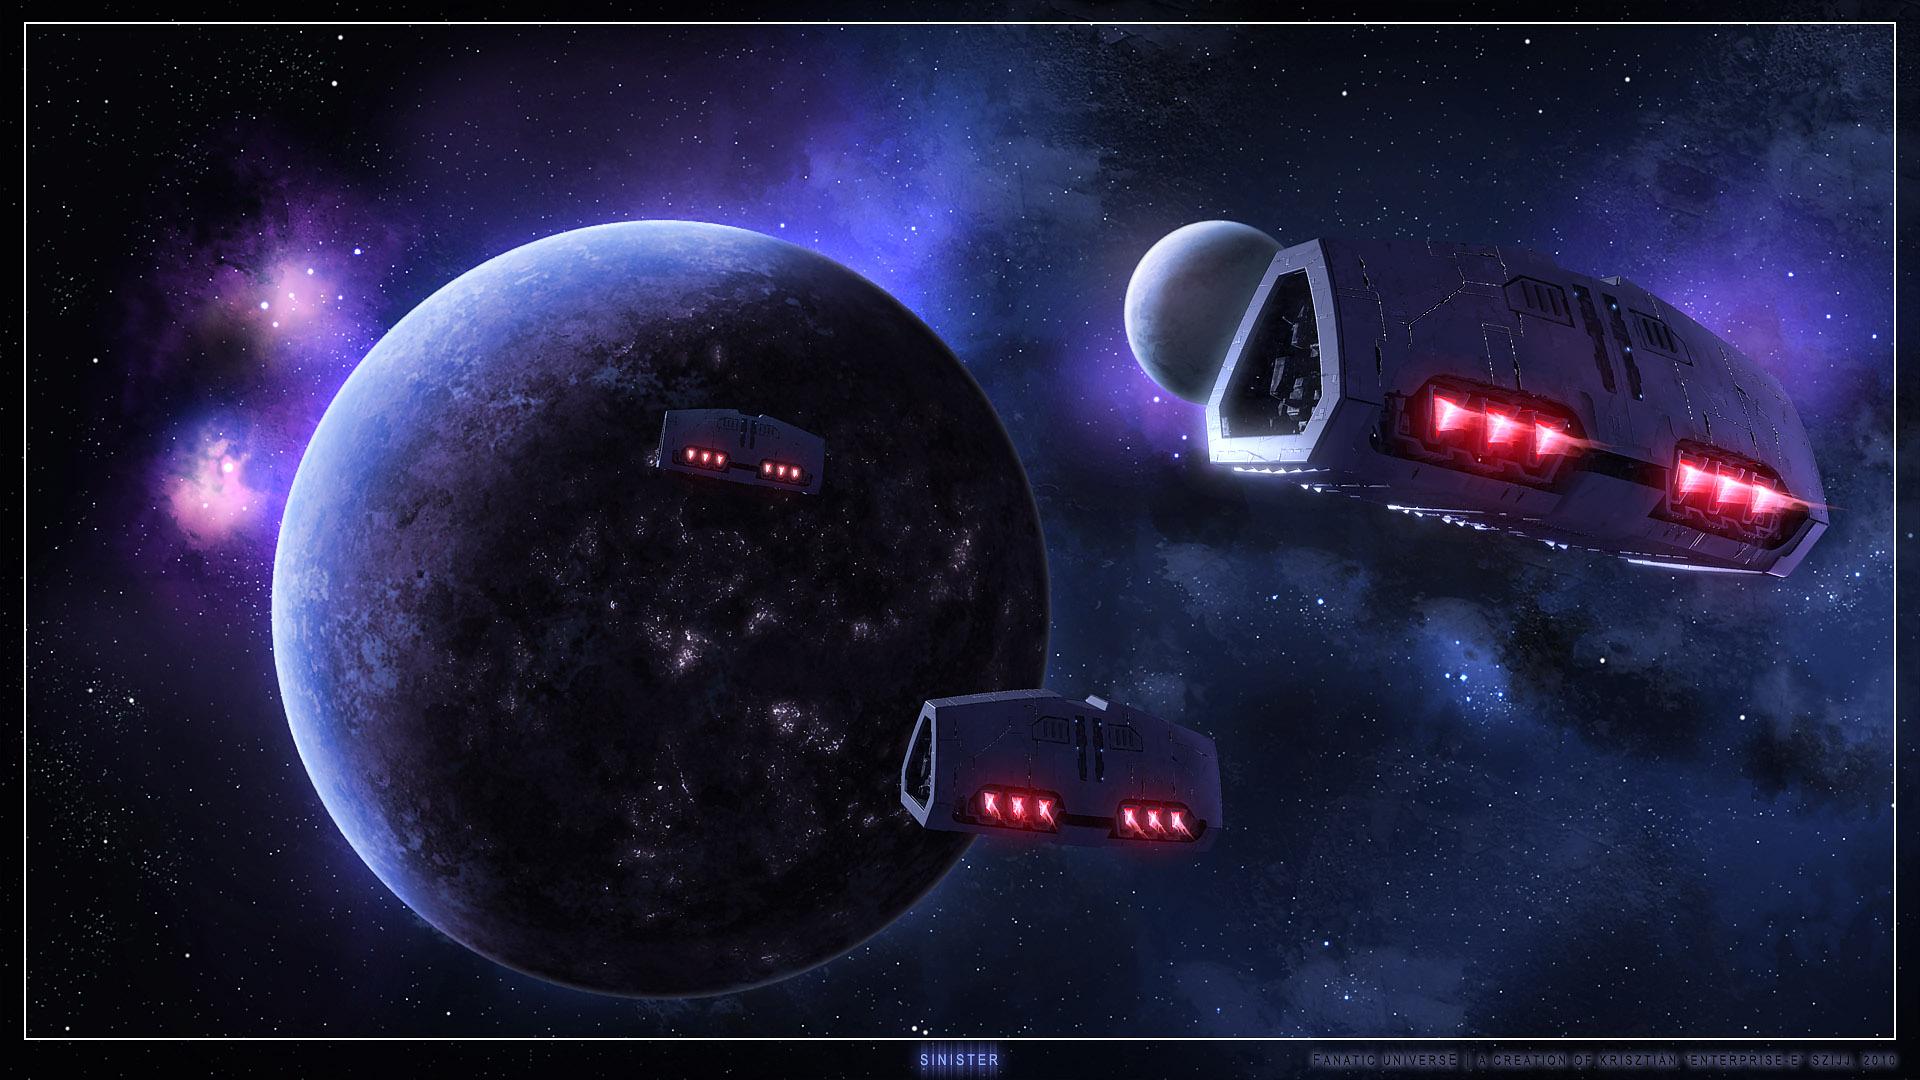 Sinister by Enterprise-E